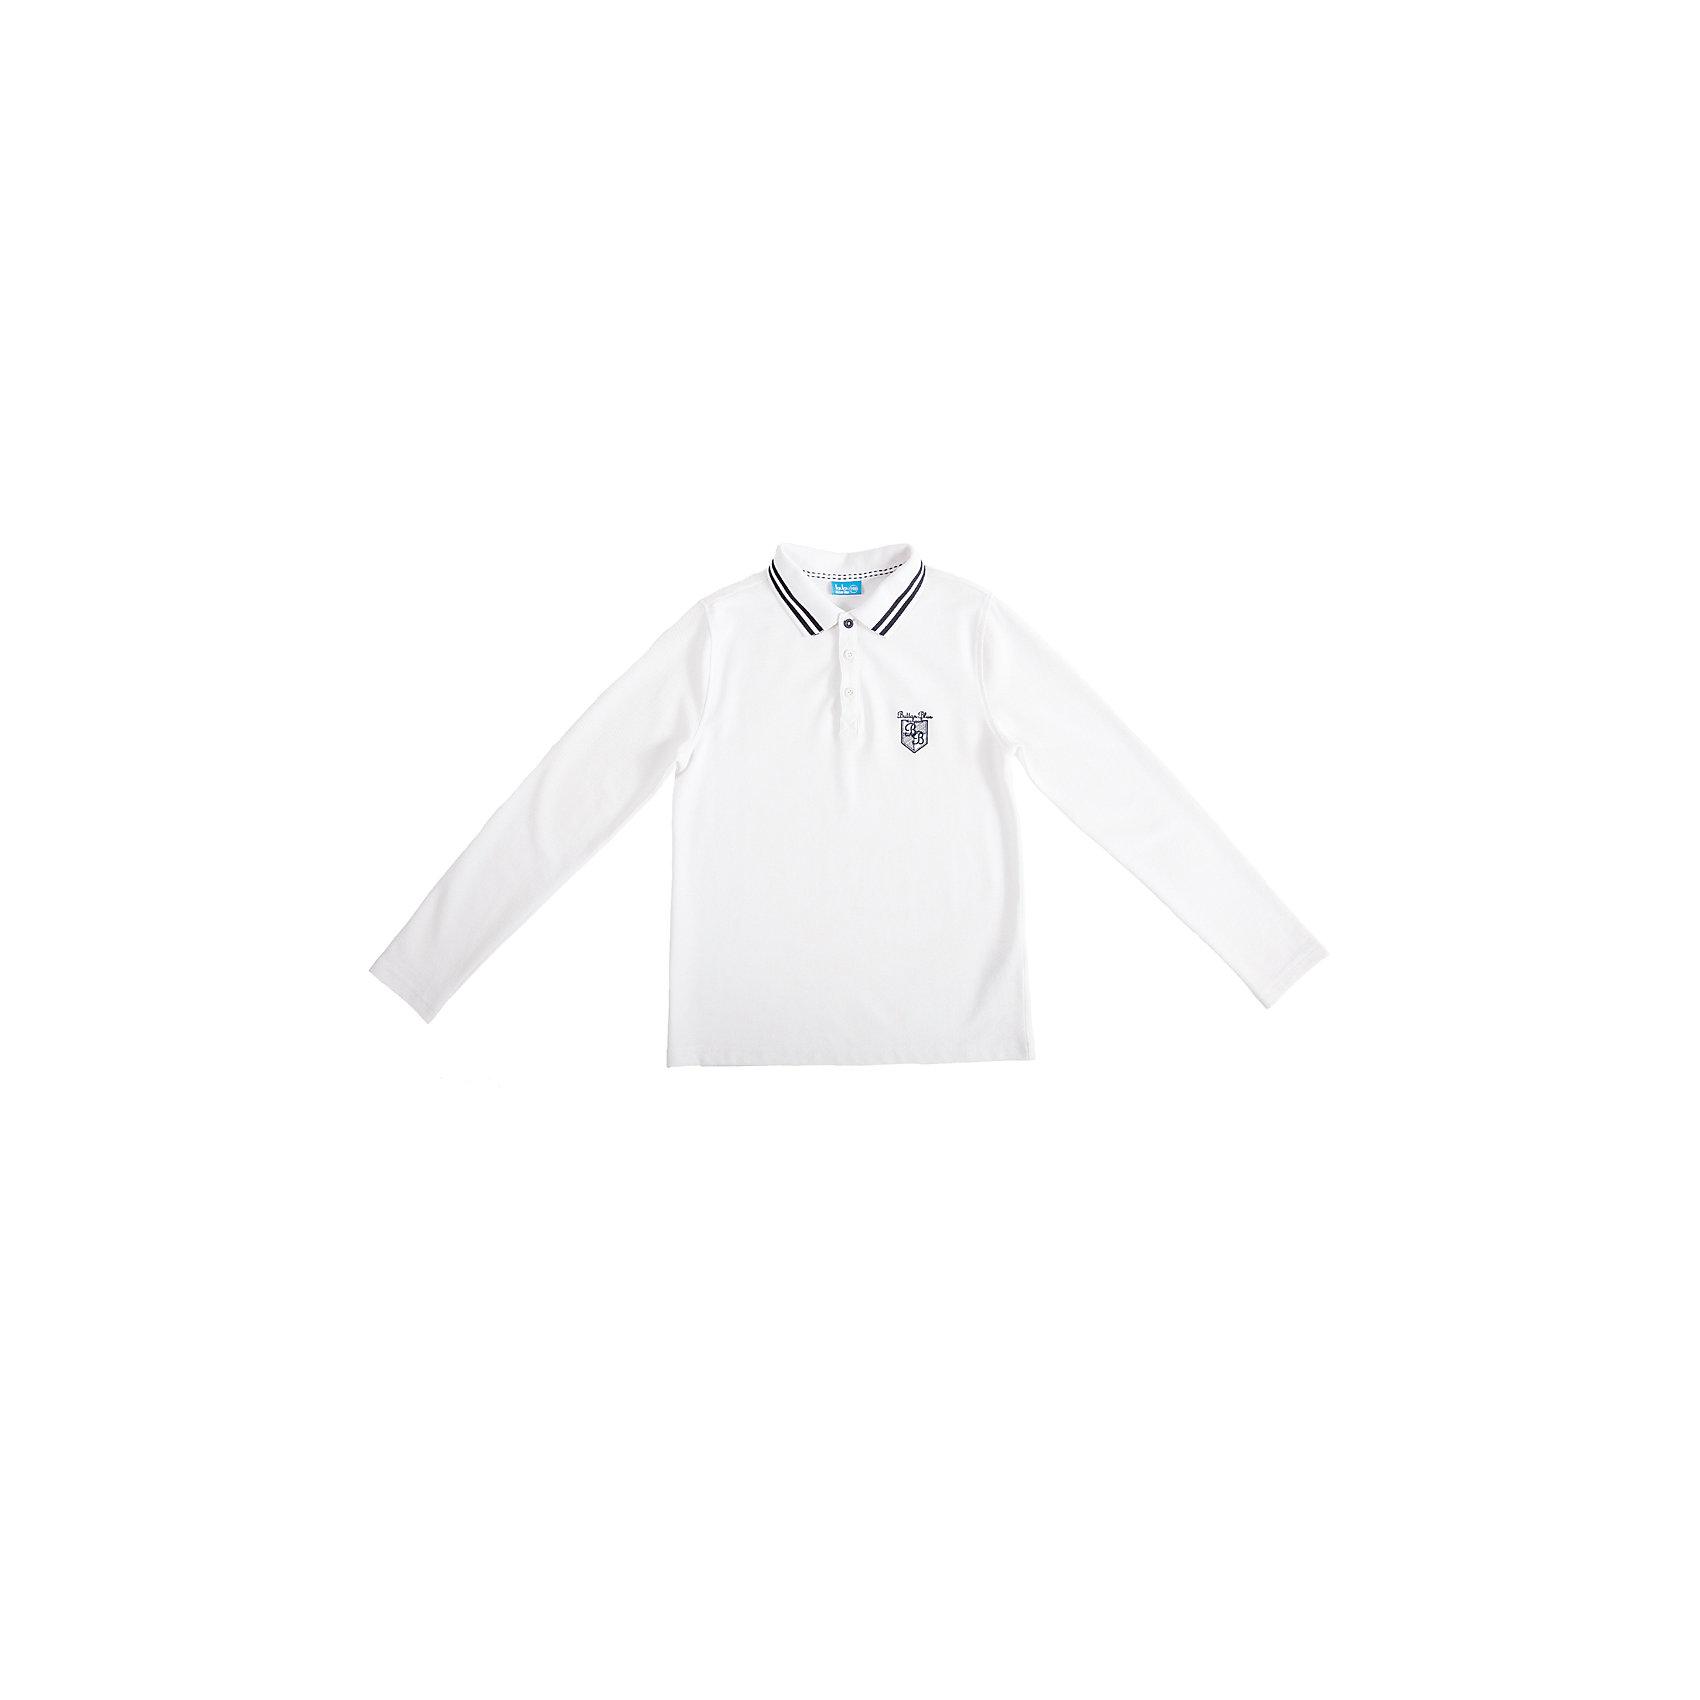 Футболка-поло с длинным рукавом для мальчика Button BlueБлузки и рубашки<br>Стильное поло из белоснежного трикотажного пике - прекрасная альтернатива текстильной рубашке. Поло подарит мальчику  комфорт и свободу движений, не нарушив школьного дресскода. В отделке модели небольшая фирменная вышивка.<br>Состав:<br>50% хлопок                        50% полиэстер<br><br>Ширина мм: 230<br>Глубина мм: 40<br>Высота мм: 220<br>Вес г: 250<br>Цвет: белый<br>Возраст от месяцев: 72<br>Возраст до месяцев: 84<br>Пол: Мужской<br>Возраст: Детский<br>Размер: 122,152,146,128,134,158,140<br>SKU: 4147150